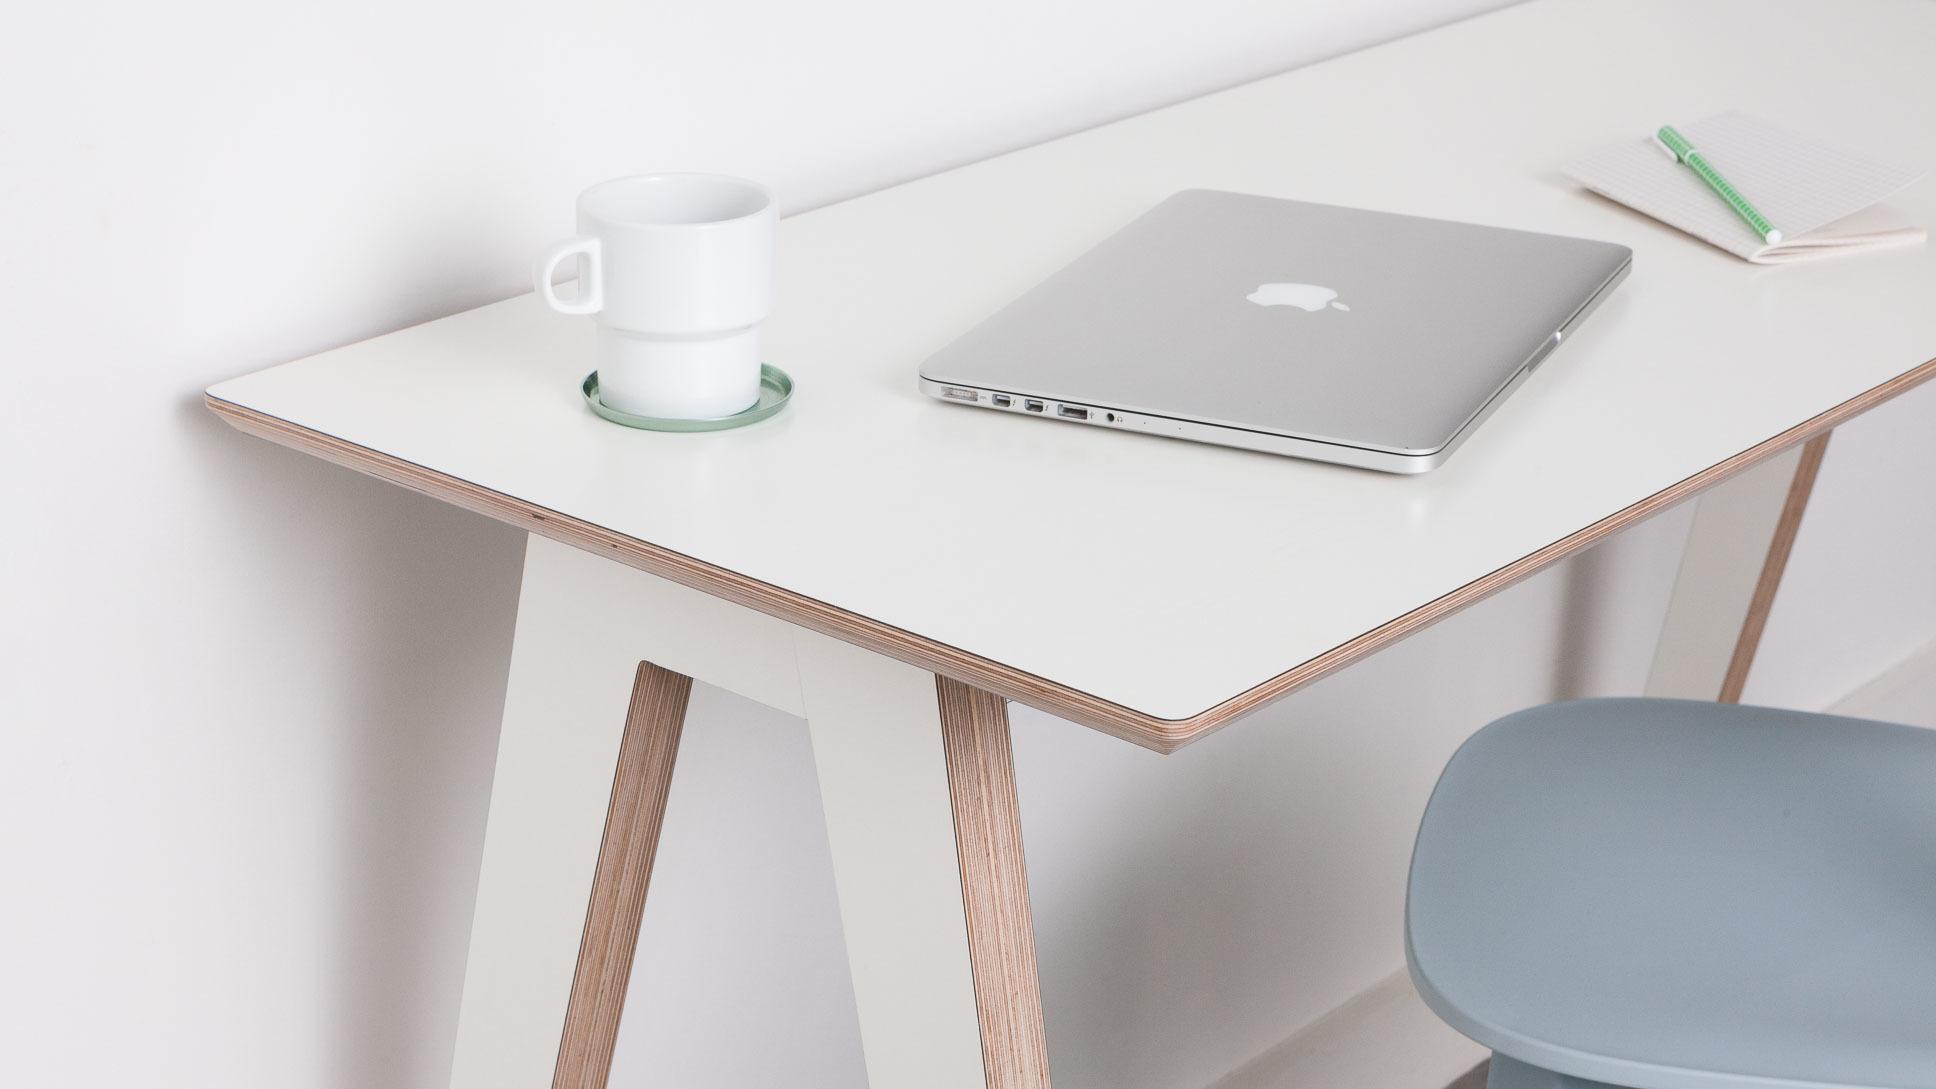 opendesk_furniture_olivia-desk_product-page_gallery-image-Shot1-1438_v02.default.jpg